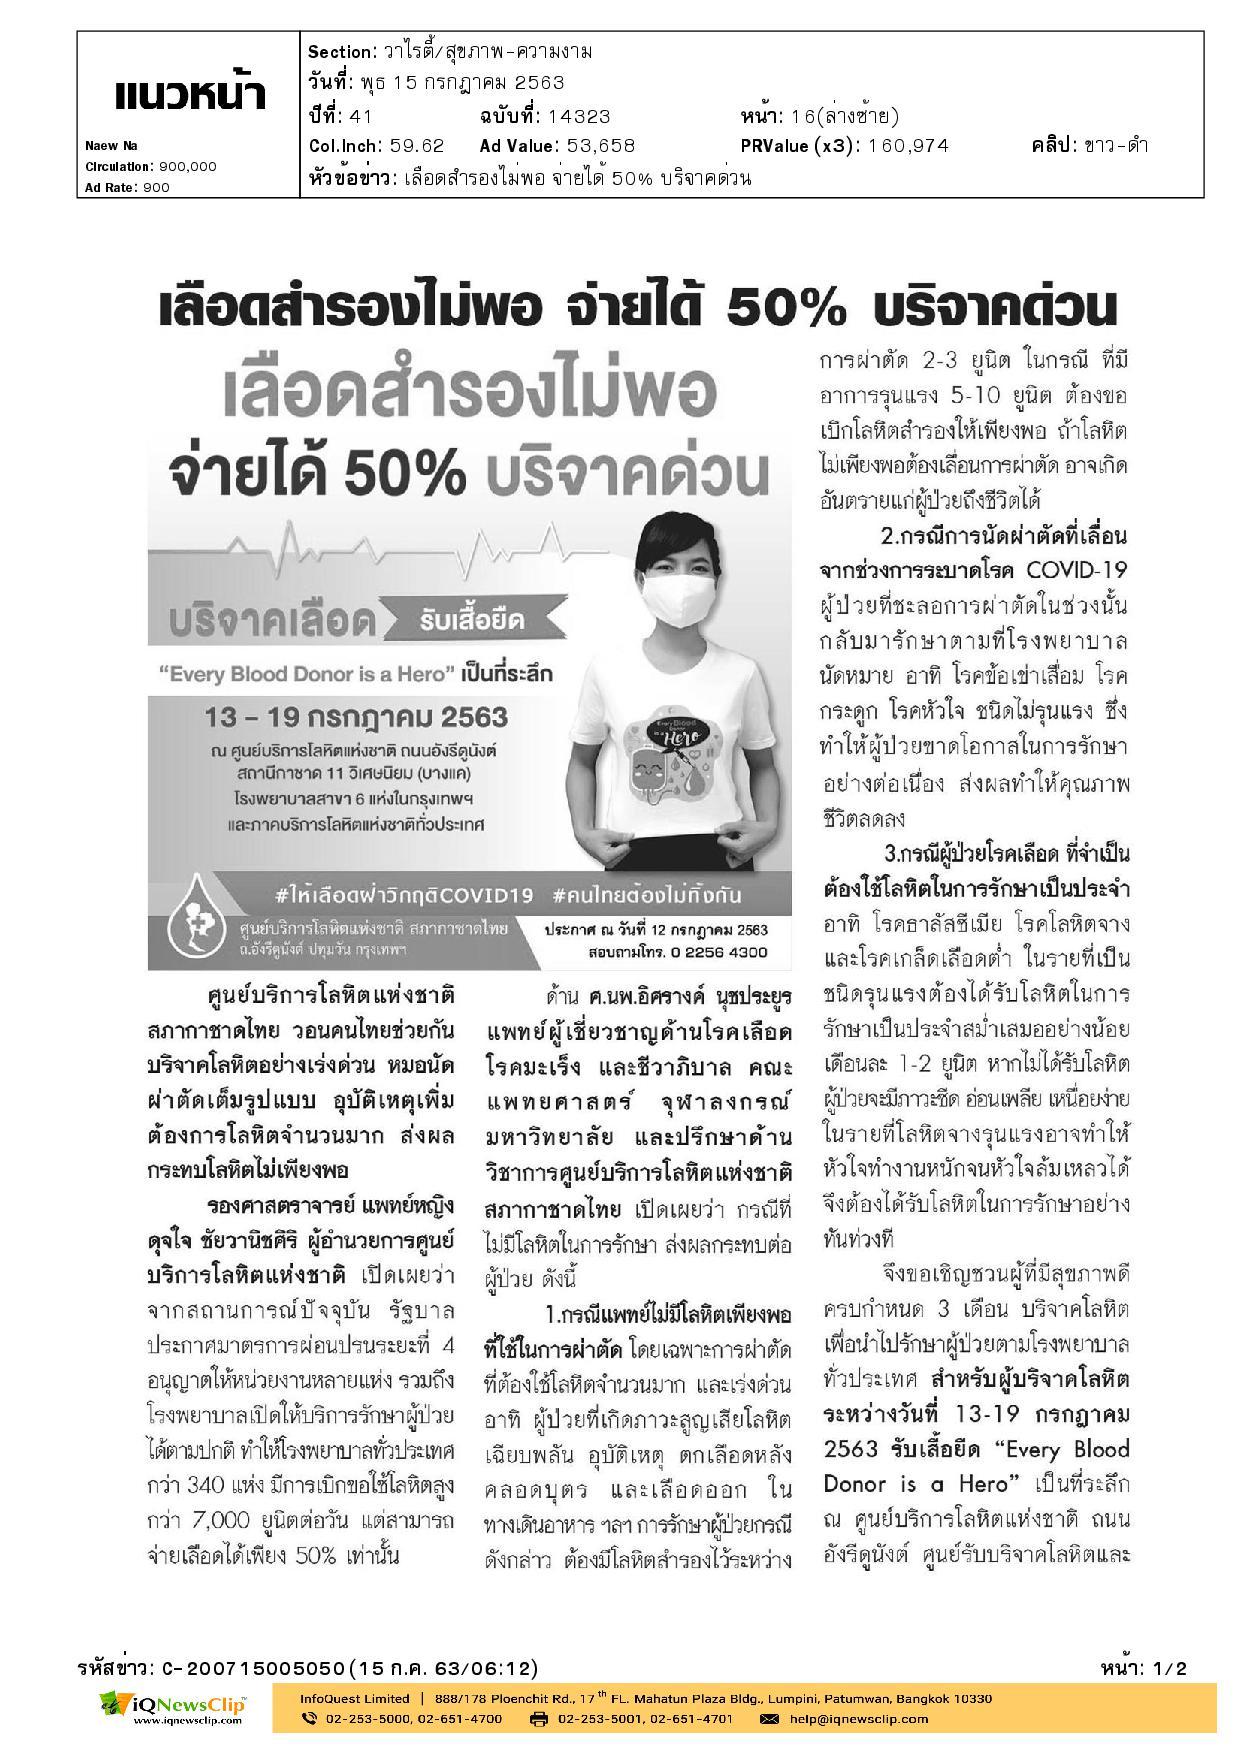 เชิญชวนคนไทยช่วยกันบริจาคโลหิตอย่างเร่งด่วน